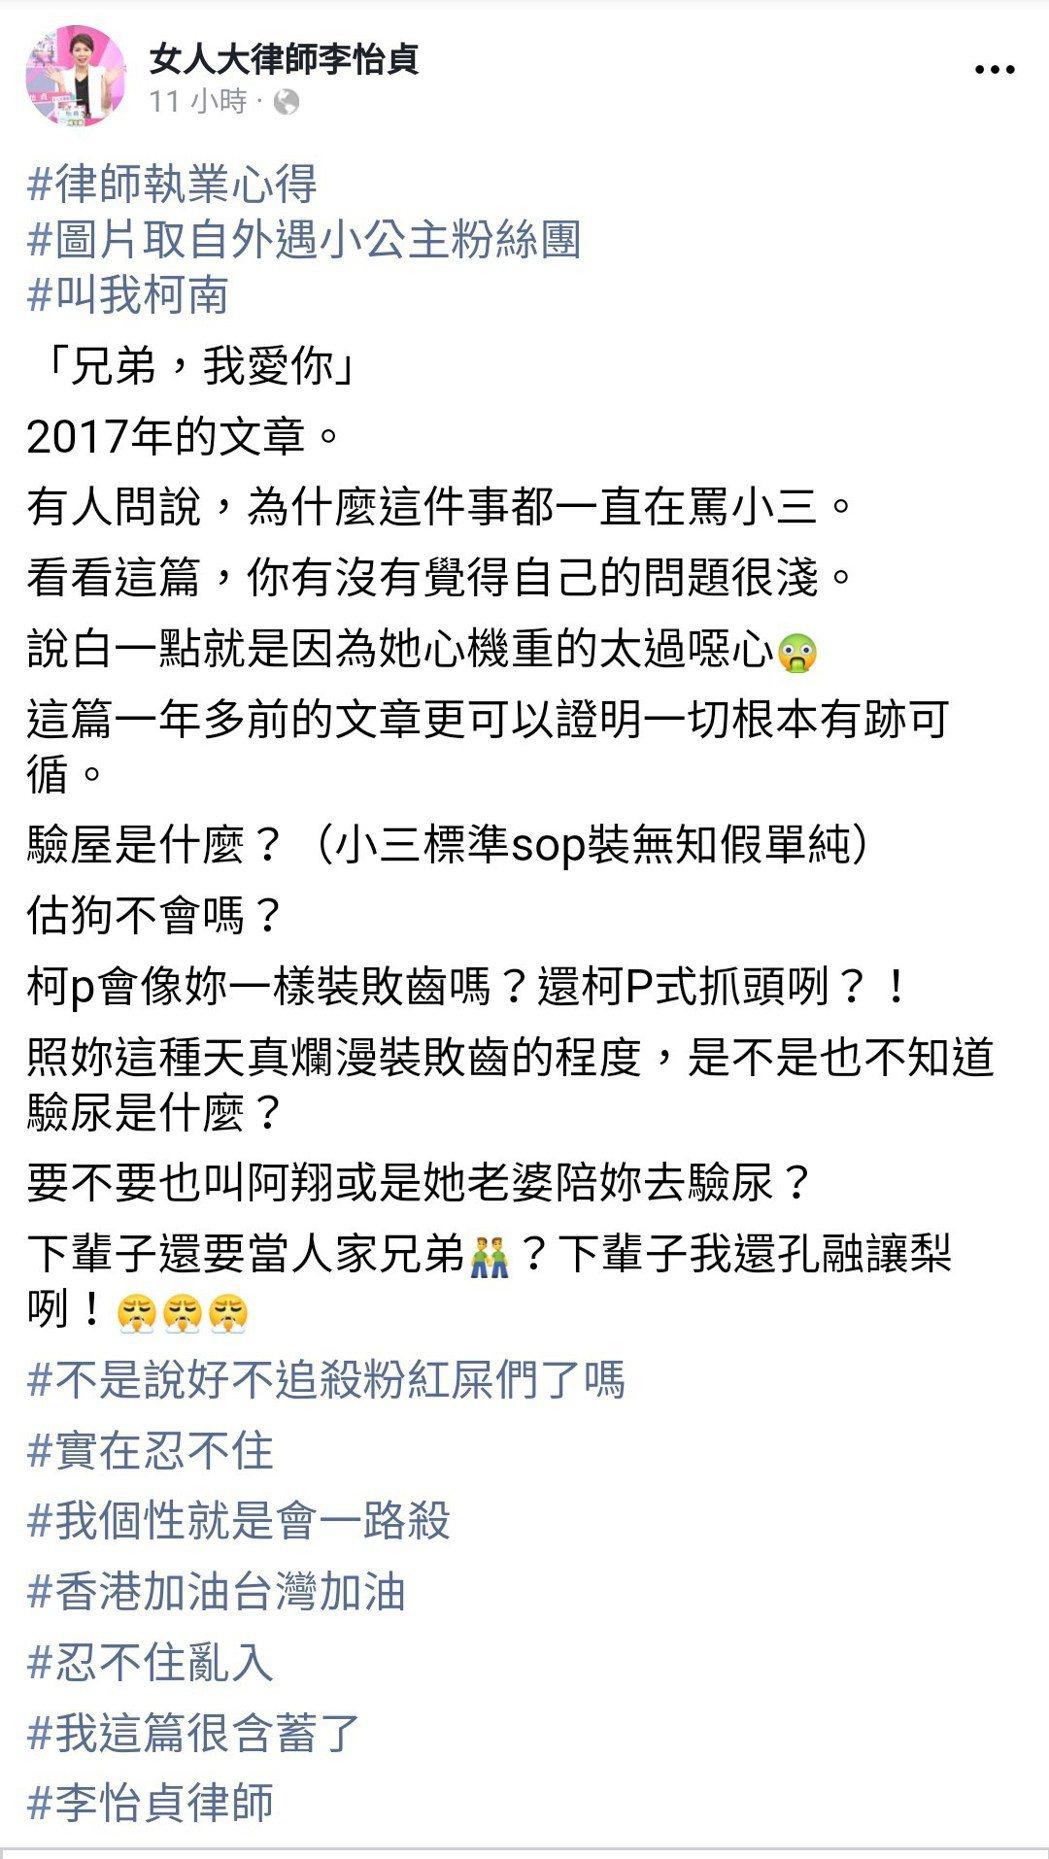 律師李怡貞批小三心機重。 圖/擷自女人大律師李怡貞臉書